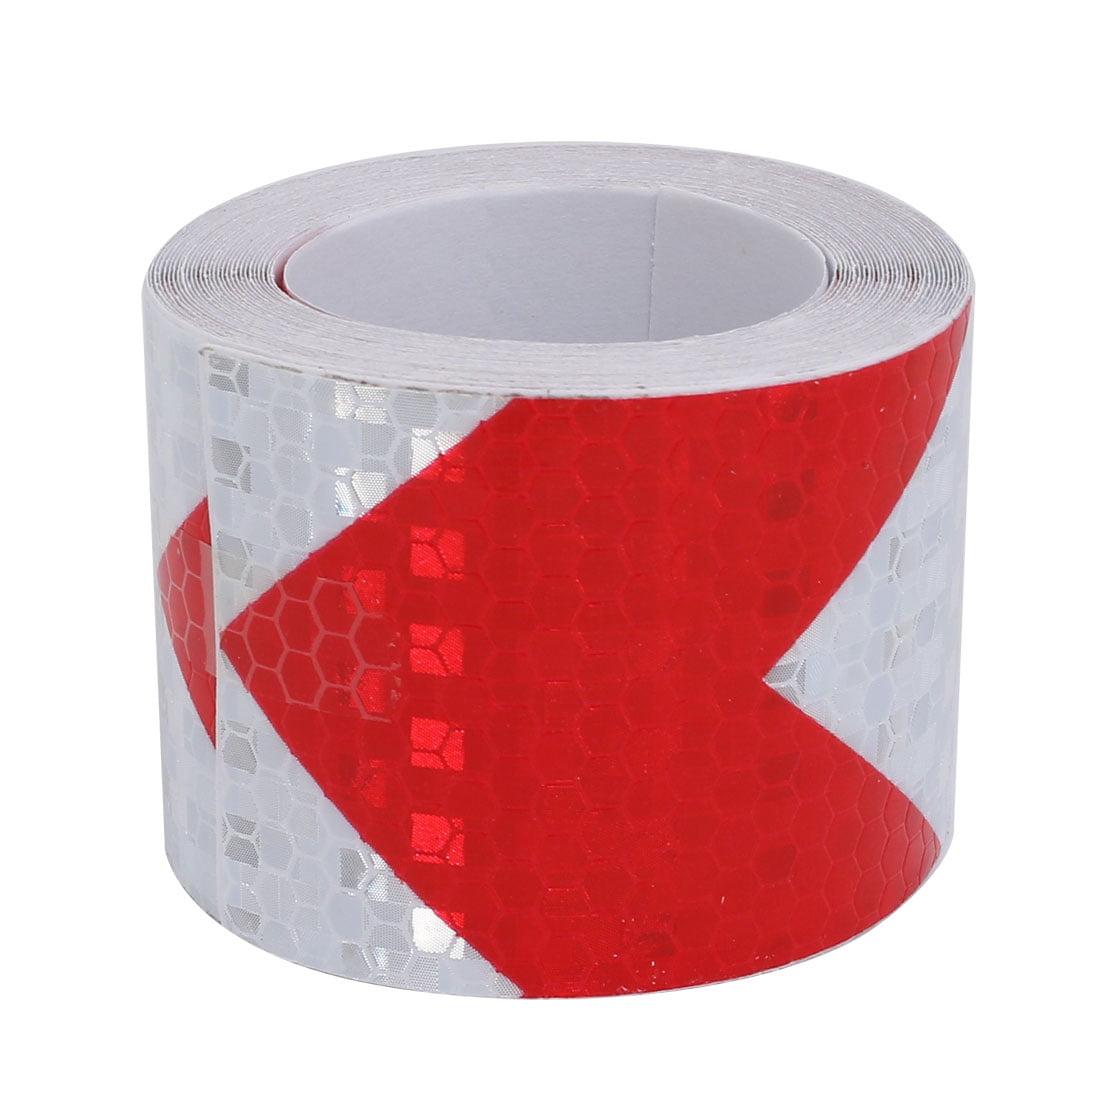 5cmx5m Honeycomb Sous-adhésif réfléchissant Avertissement Rouge Tilt Blanc - image 1 de 3